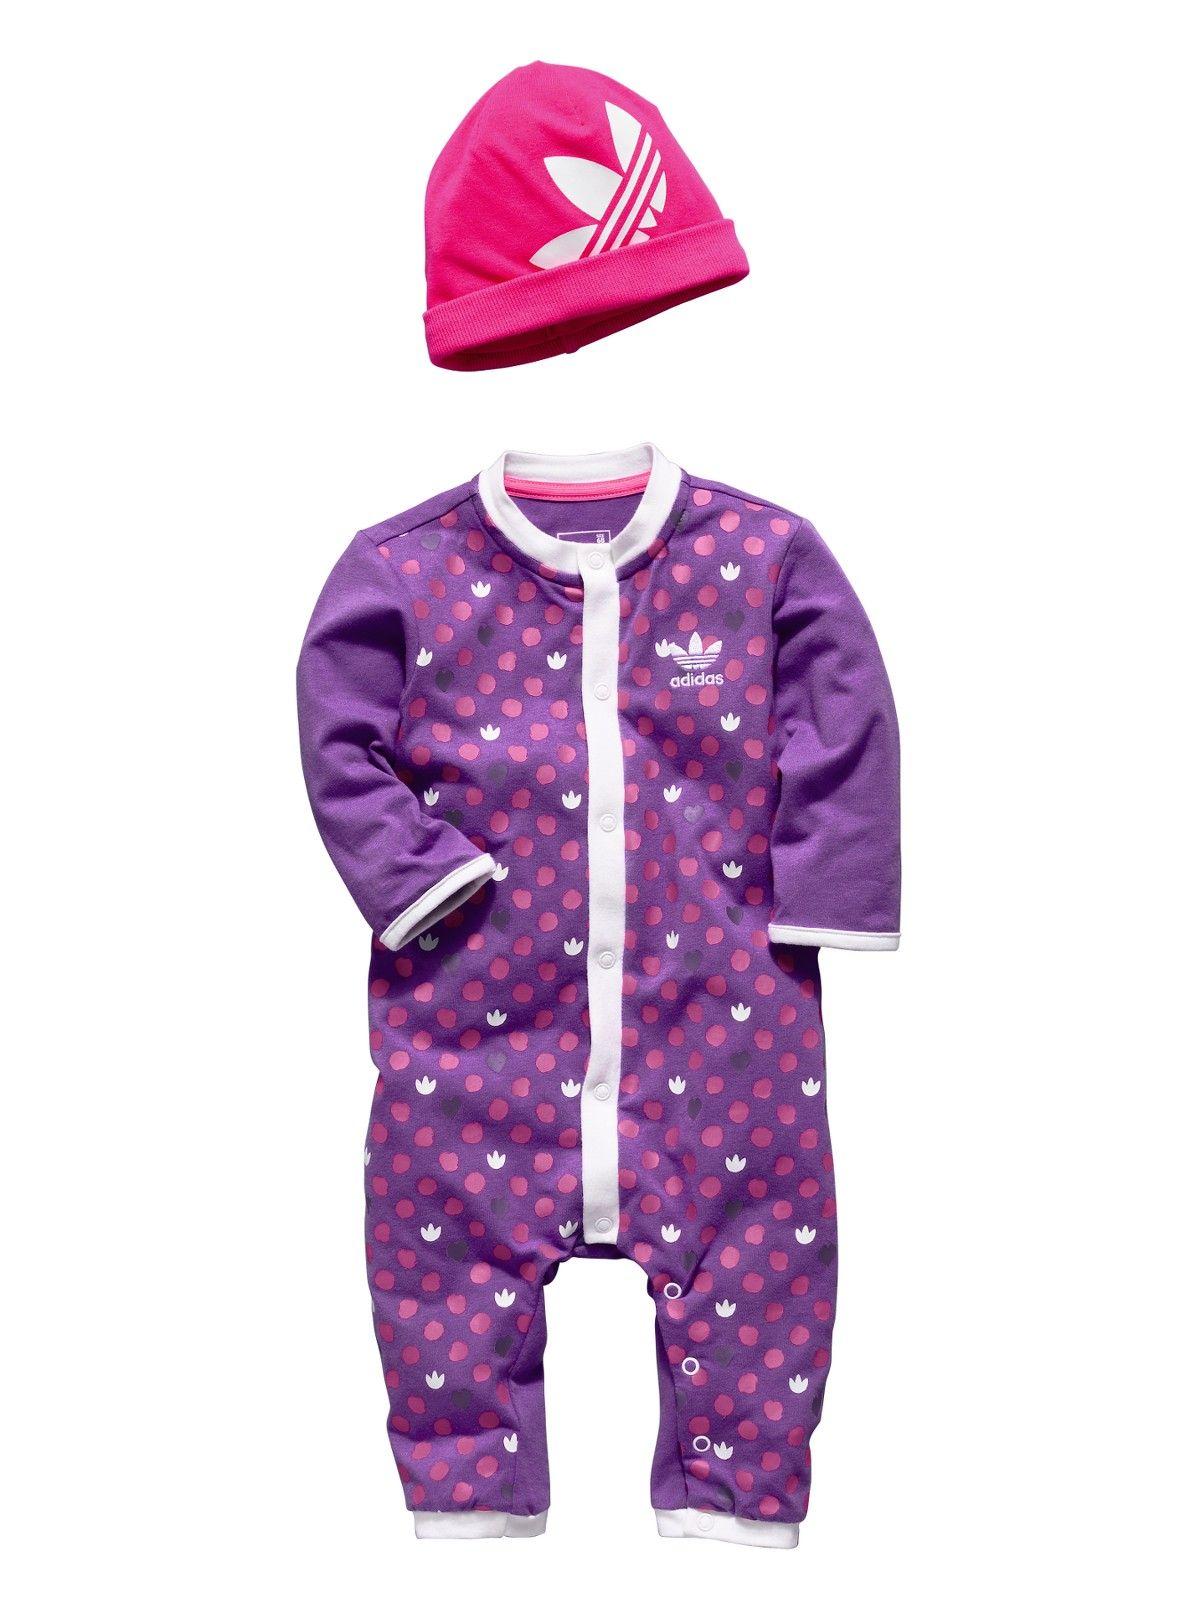 adidas Originals Romper Suit (hat FREE!) Very.co.uk 07731b1db6